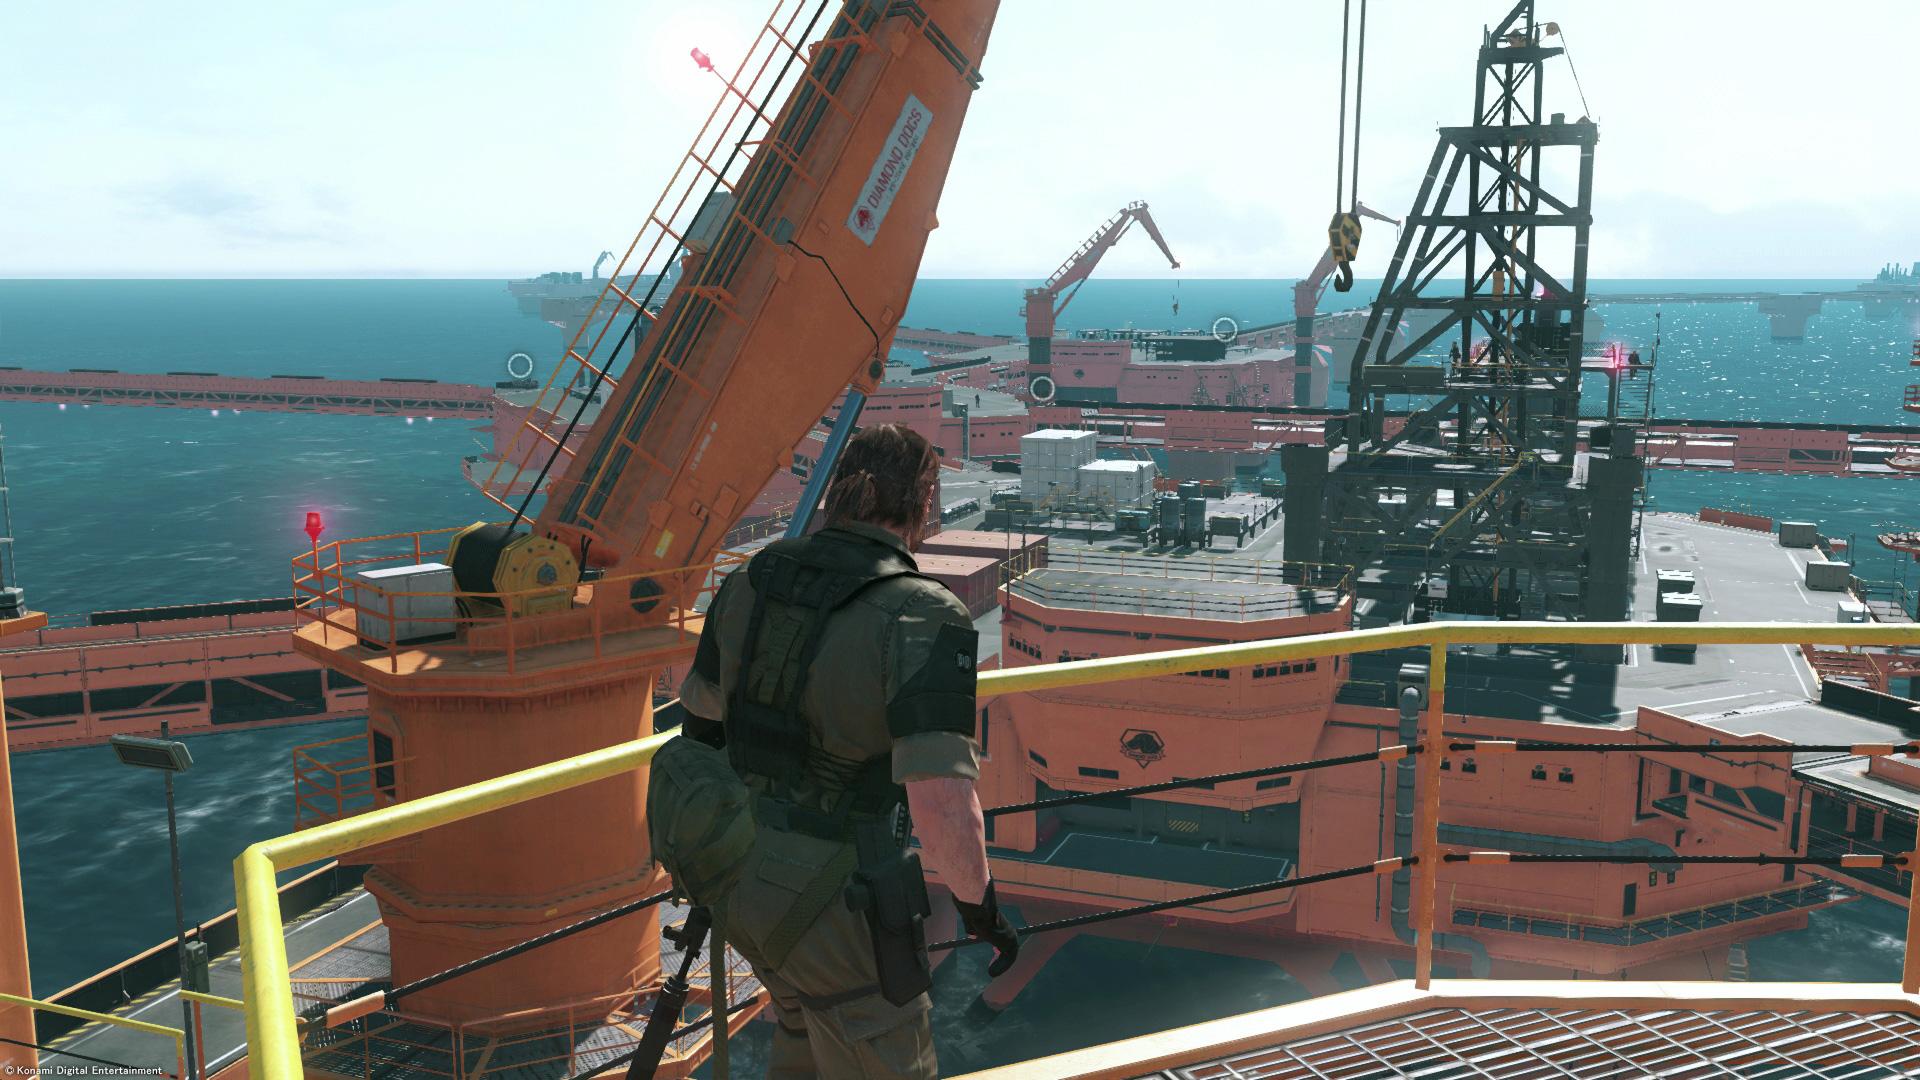 Metal Gear Solid 5 Preise Der Mb Coins Bekannt Pixelburg